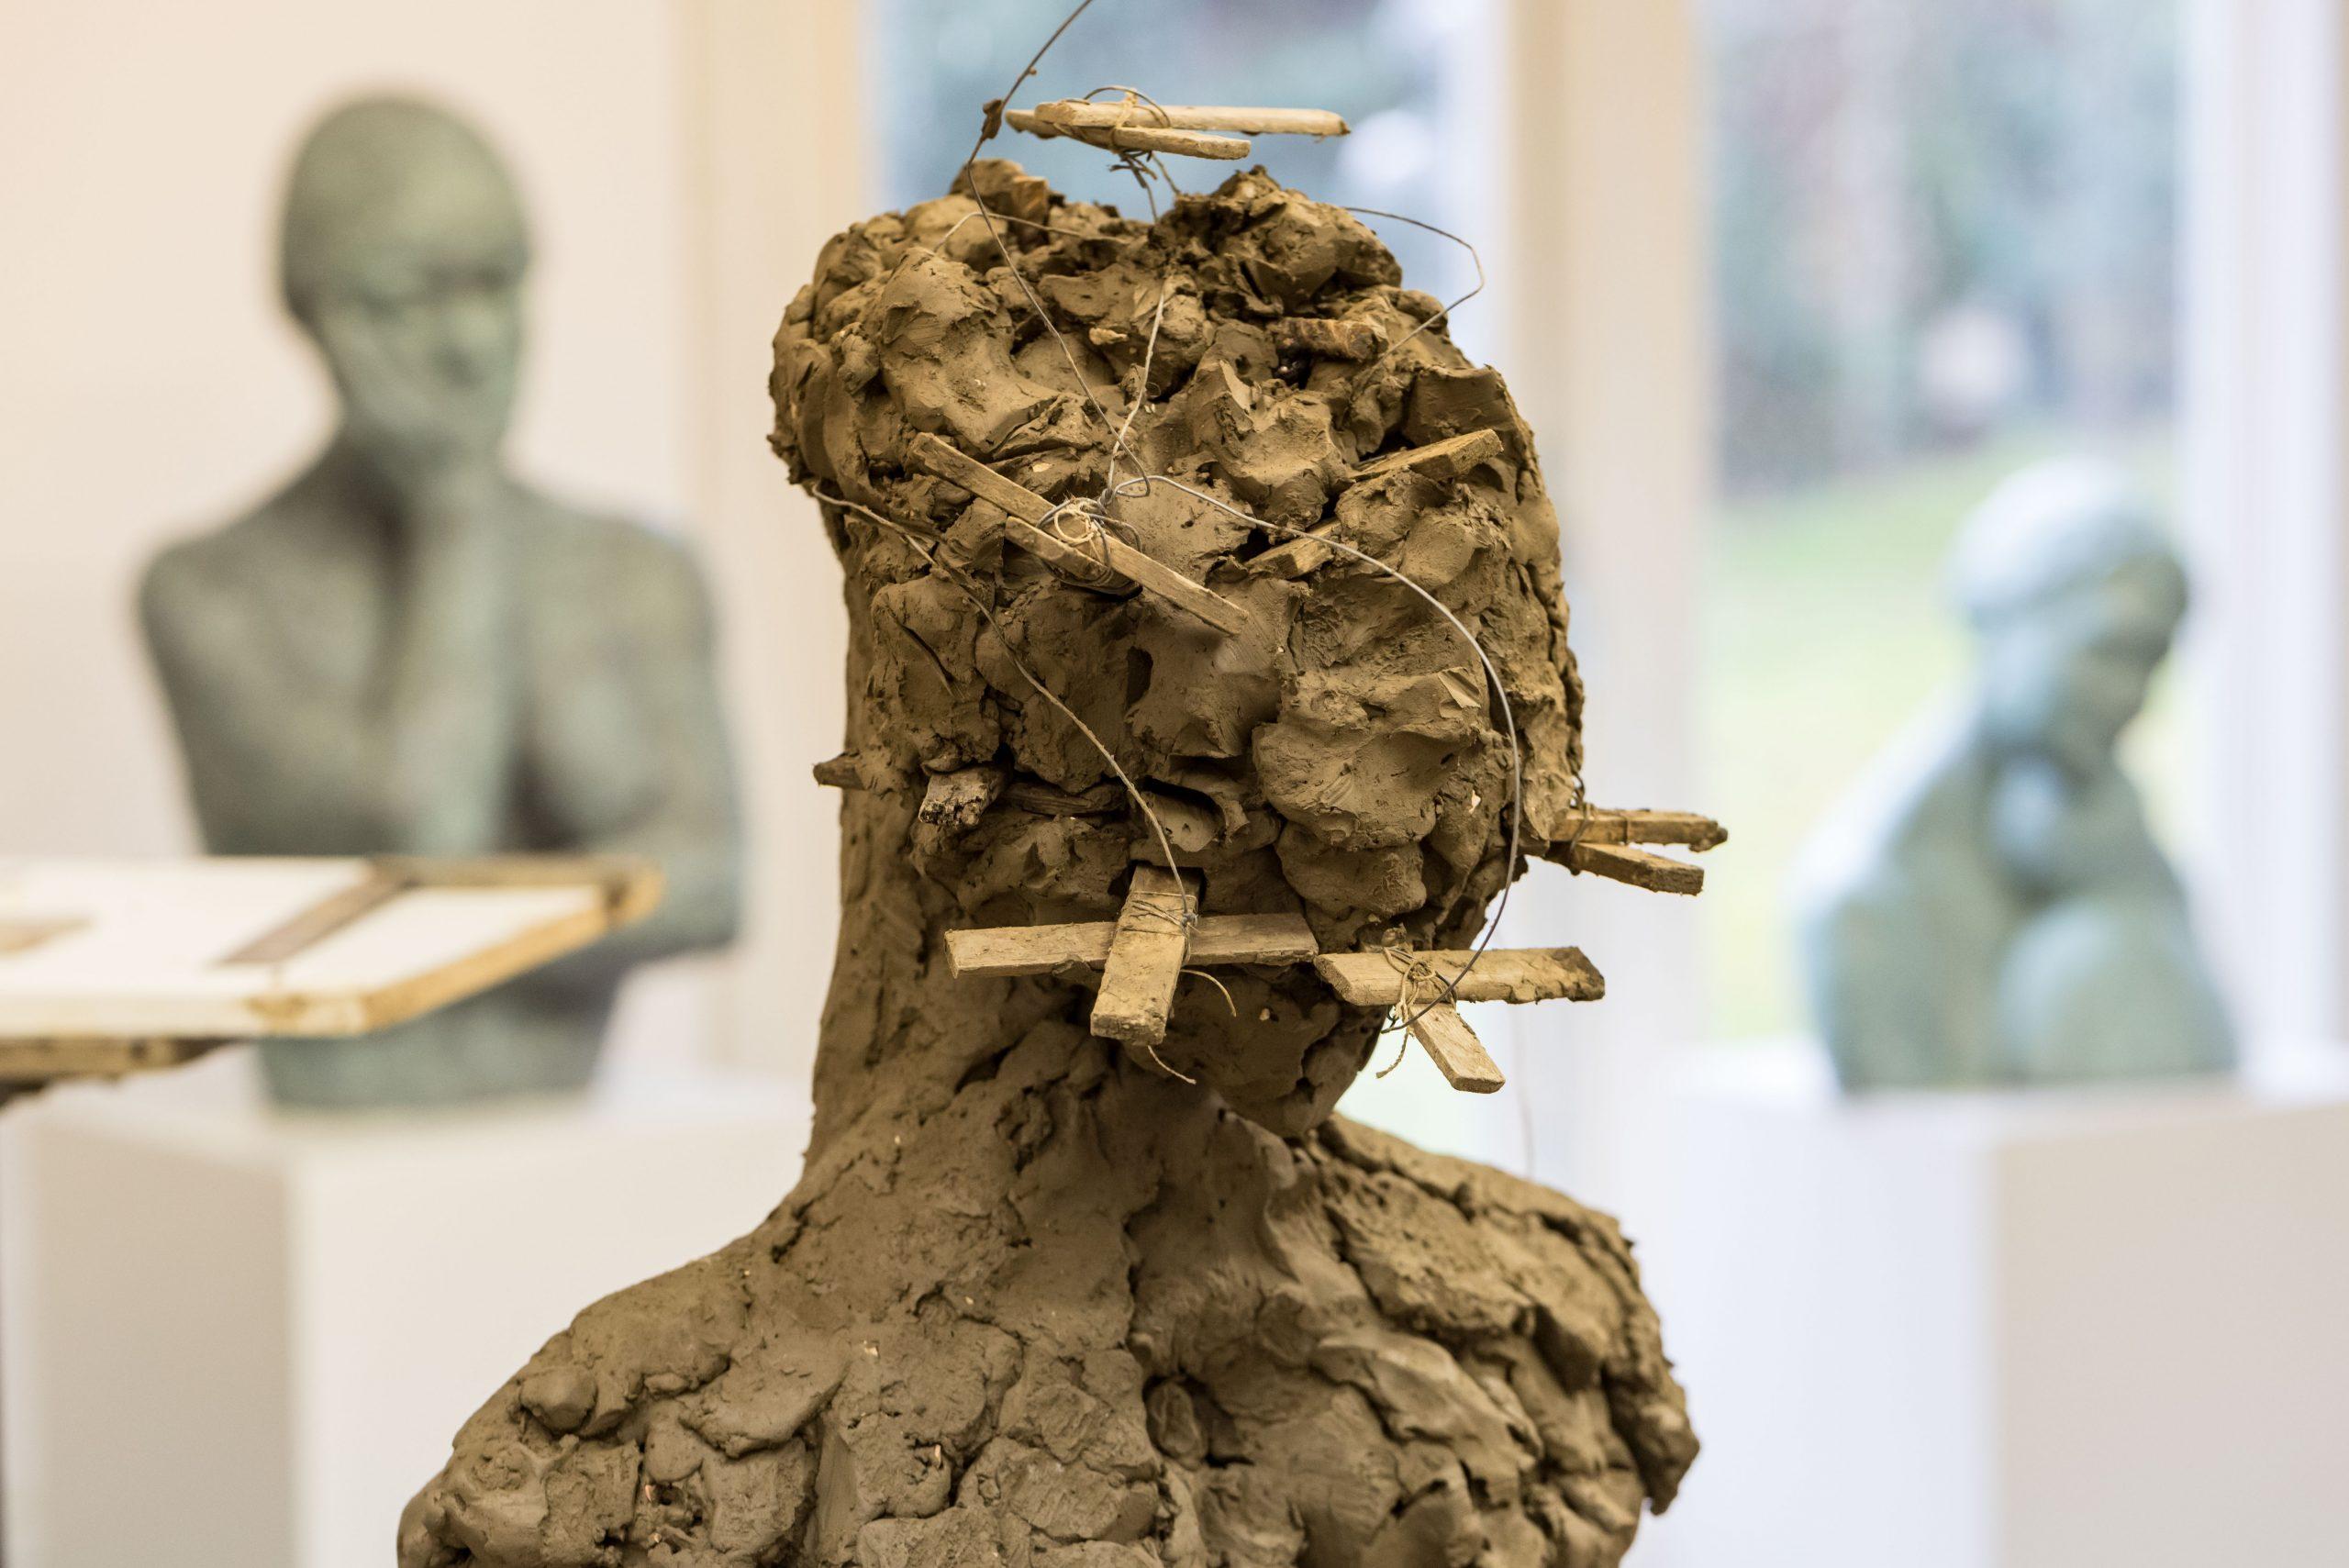 Opbouw sculptuur in klei met ondersteuningsvlinders